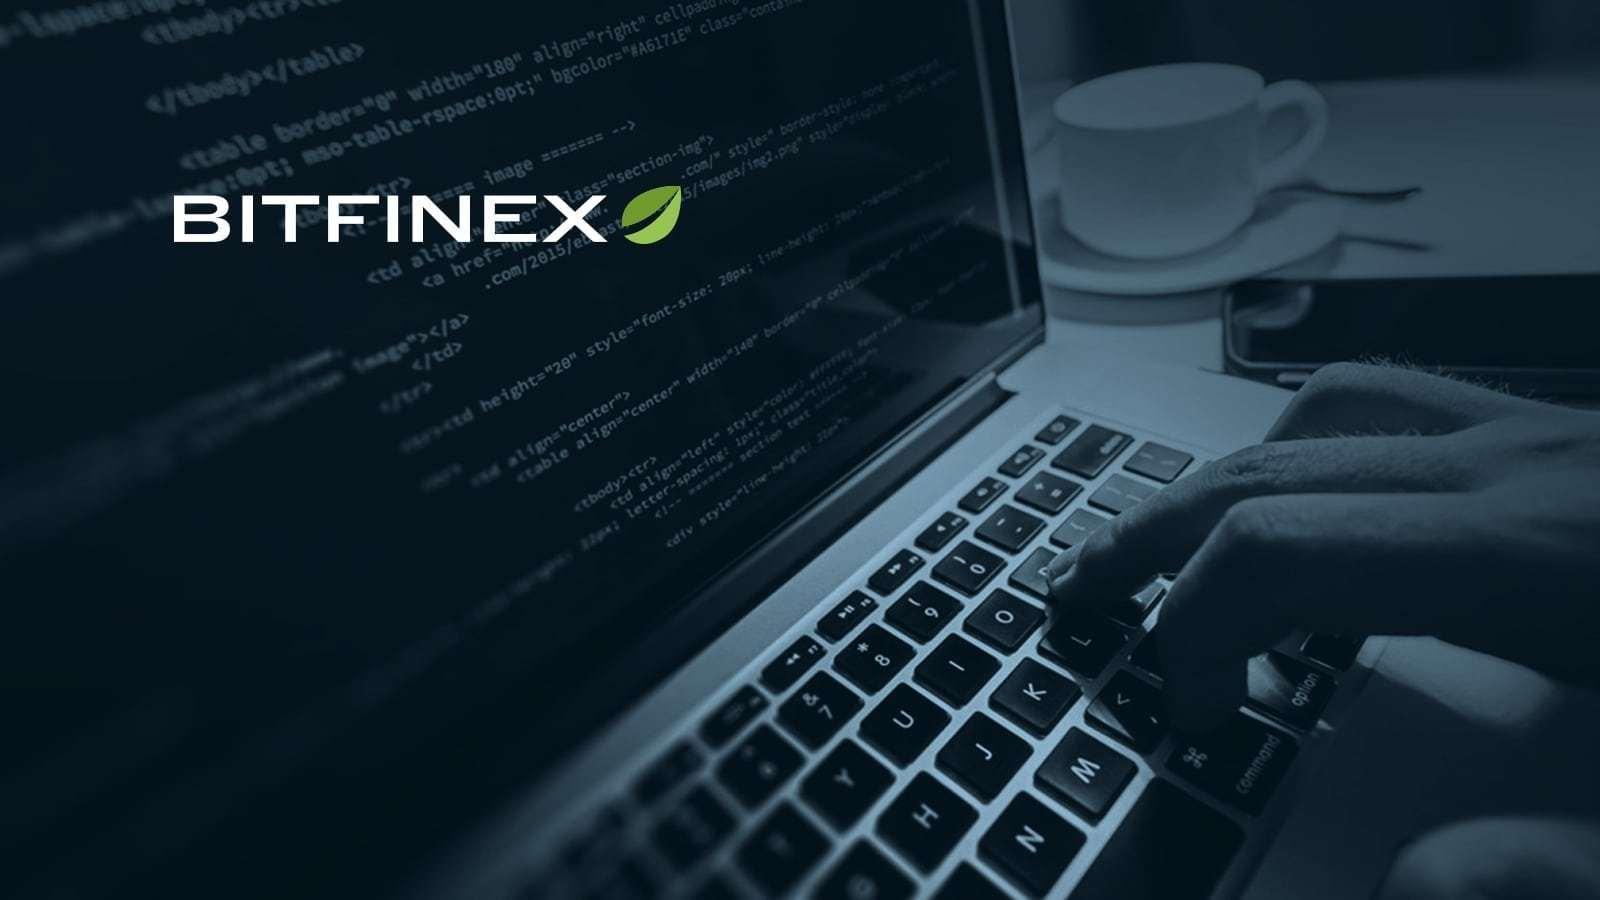 giá bitcoin: Bitfinex đề xuất điều tra nhằm lấy lại quyền sử dụng 880 triệu USD từ Crypto Capital